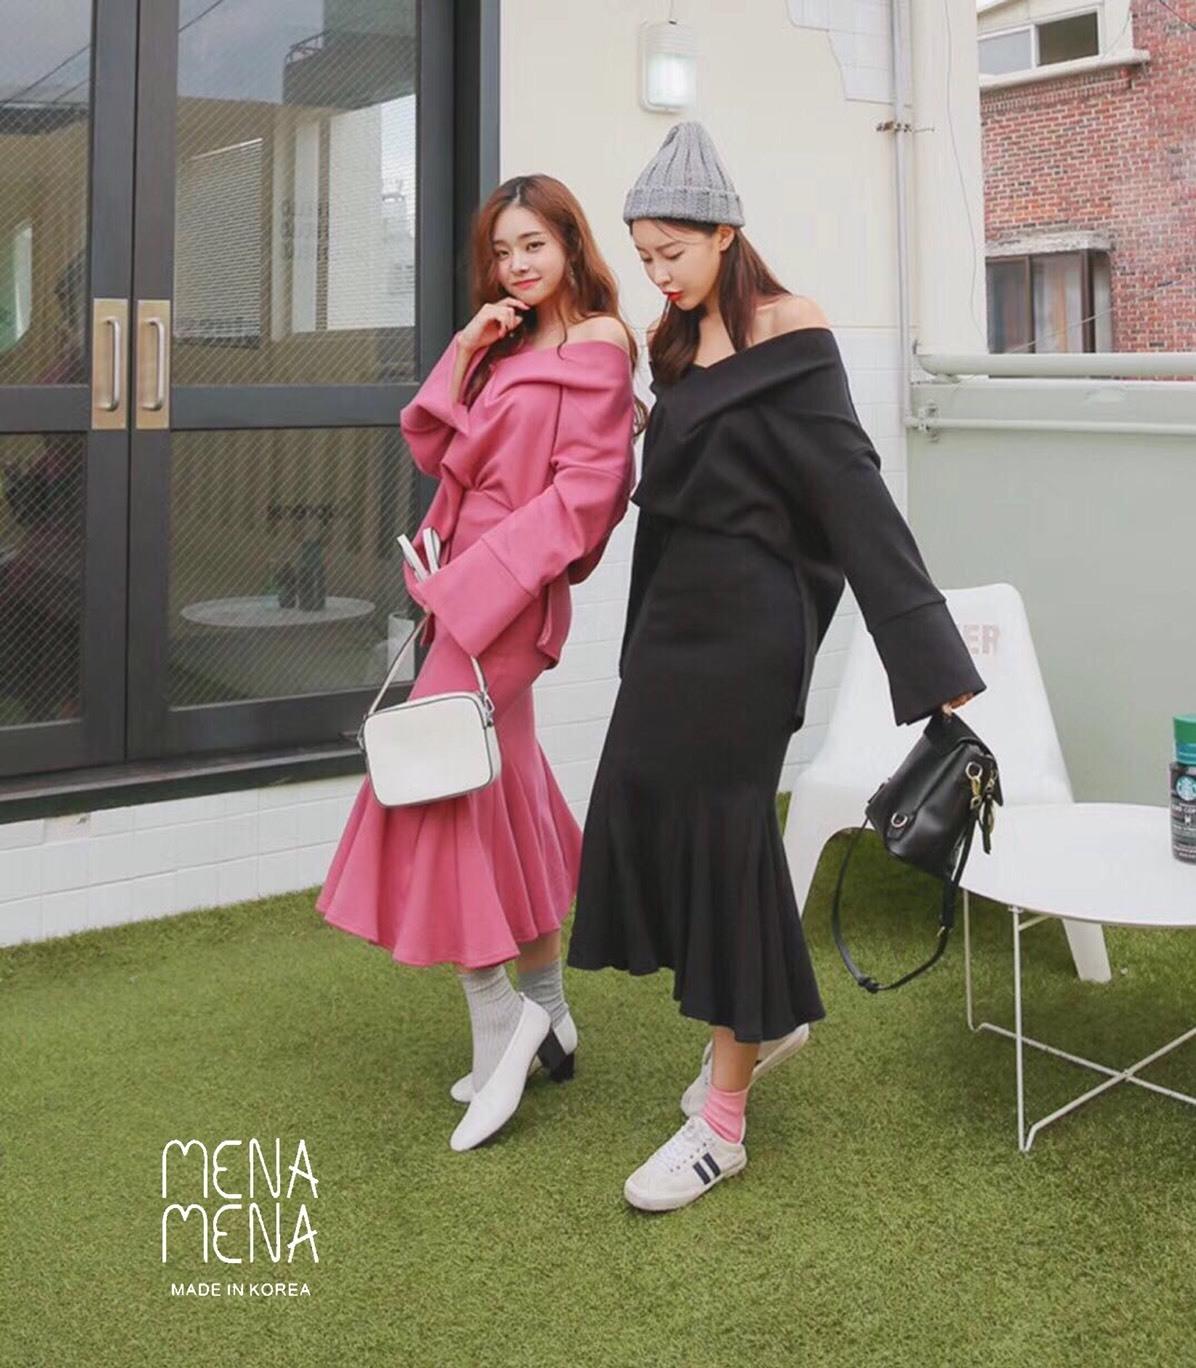 เสื้อเกาหลี ปาดไหล่กับกระโปรง